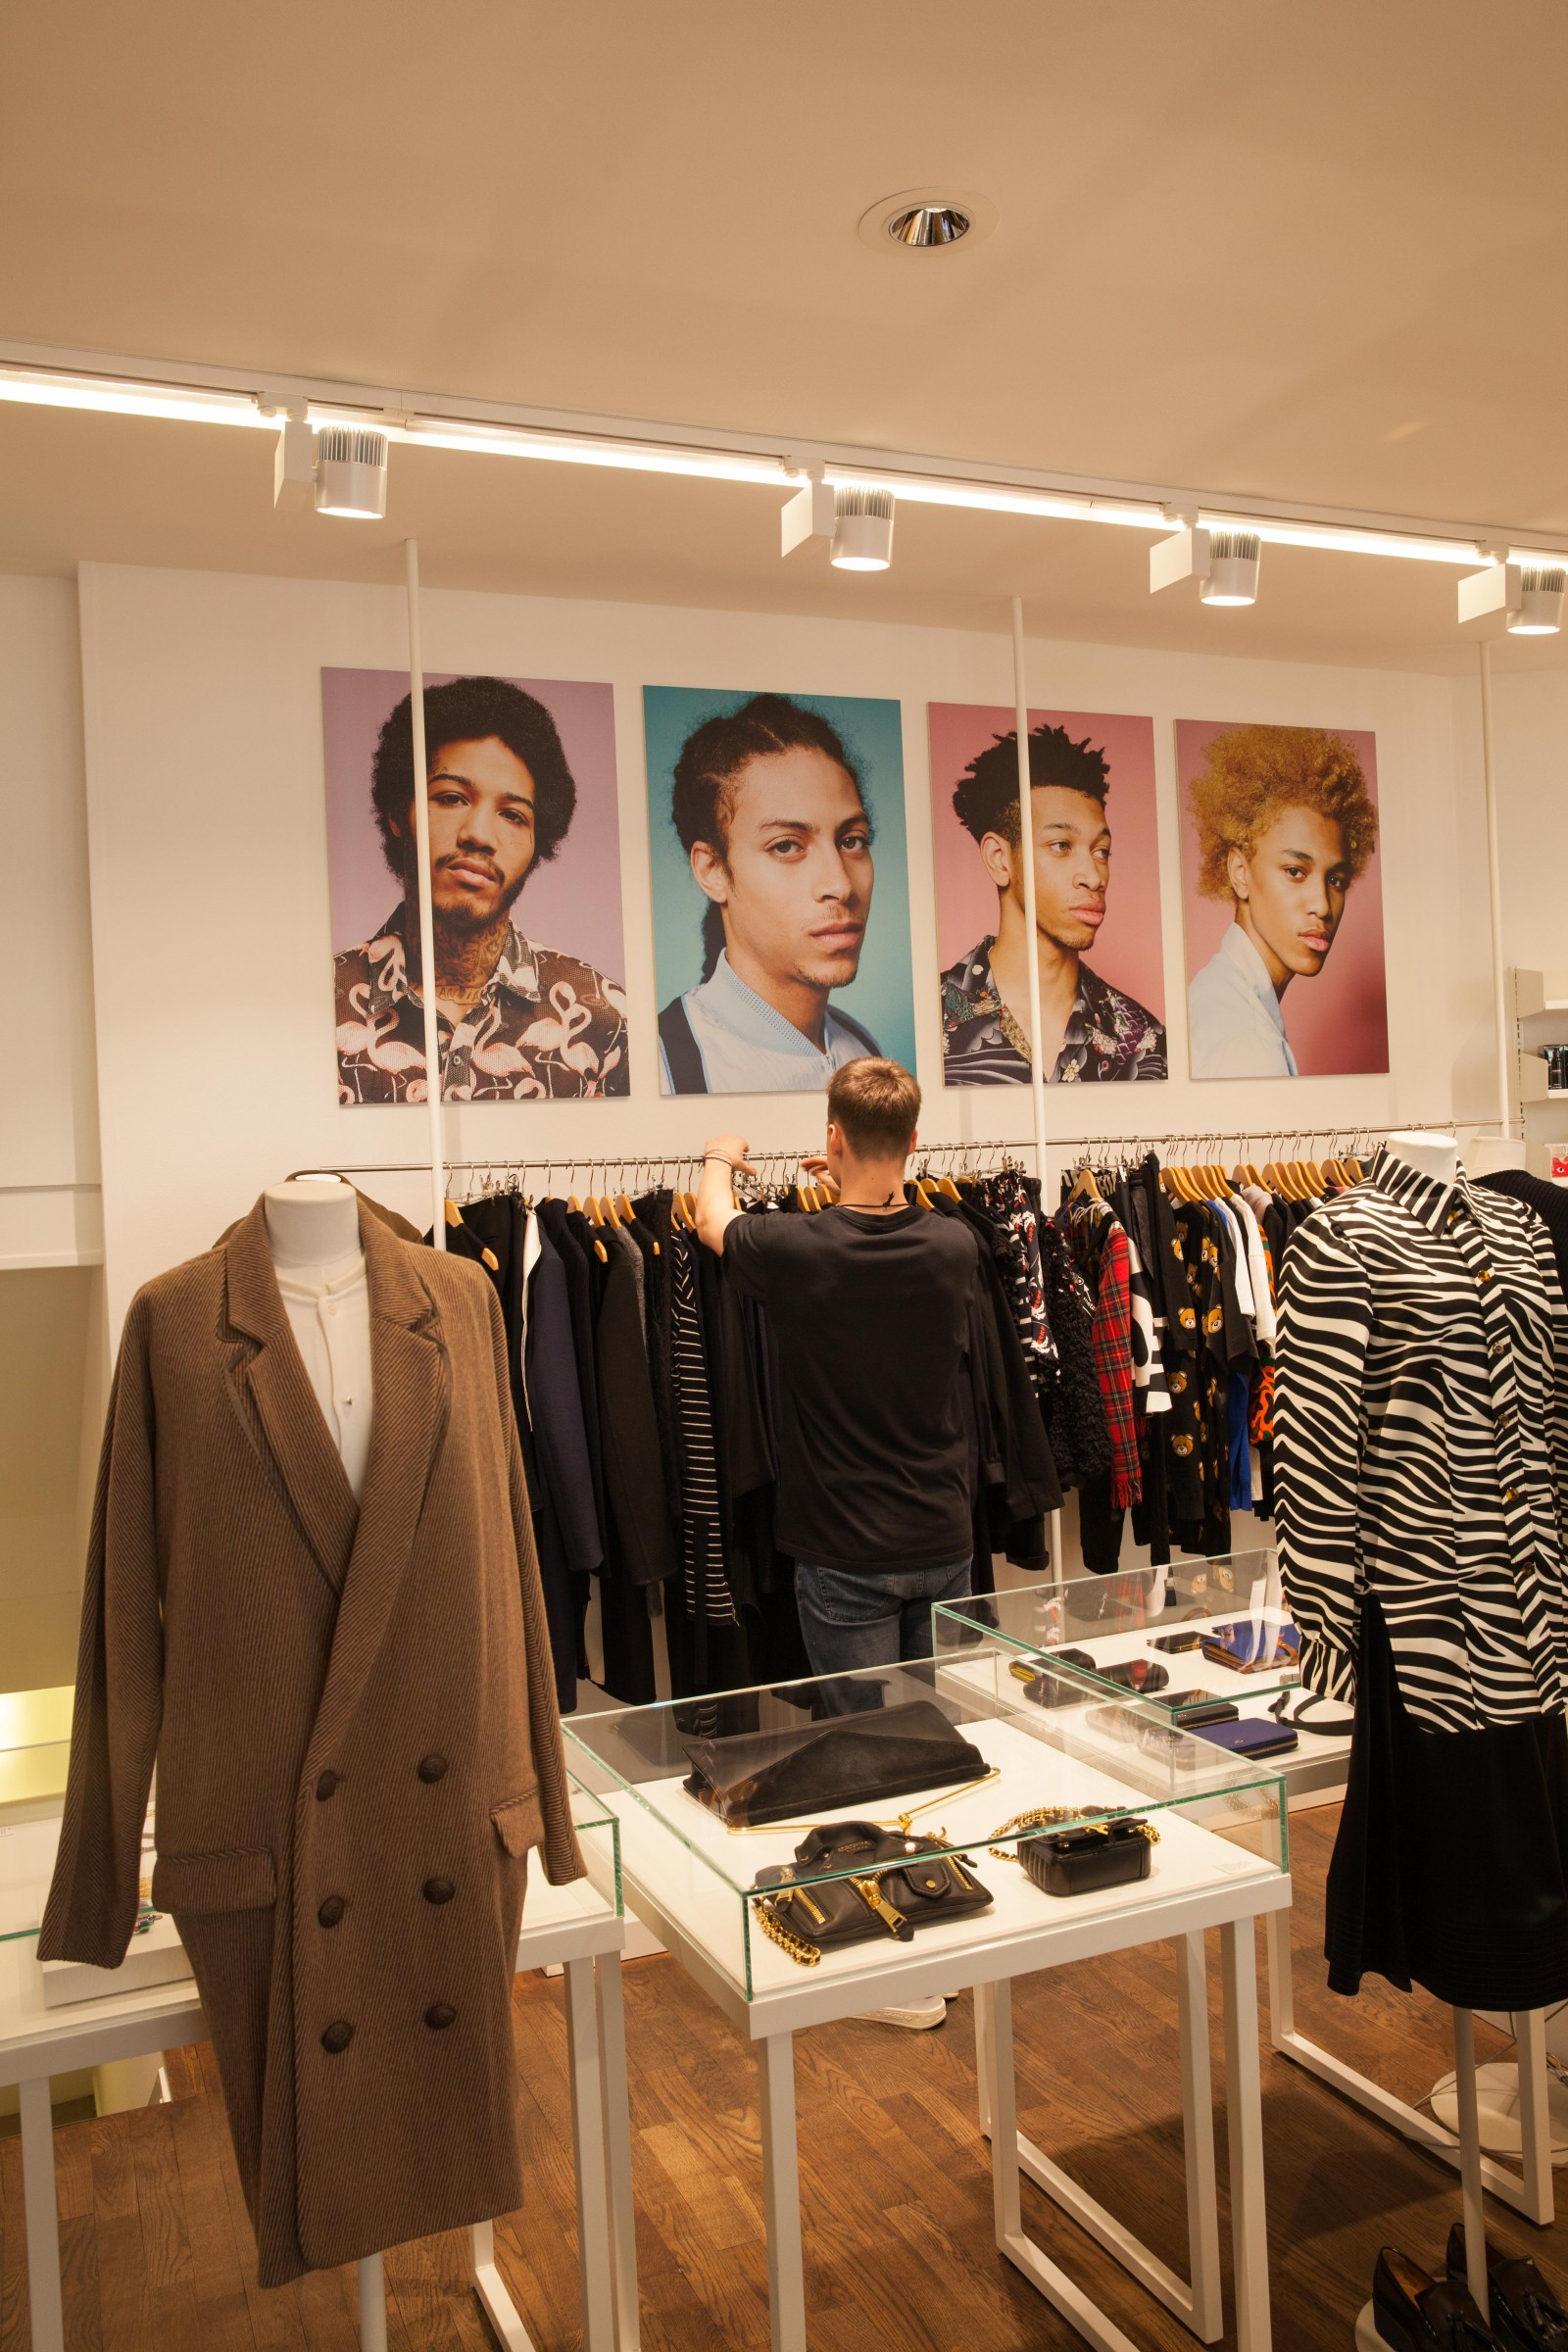 <h1>Storm Fashion Design</h1><h4>Lyset er en vigtig del af at præsentere varerne i forretningen på med farver og detaljer.</h4>